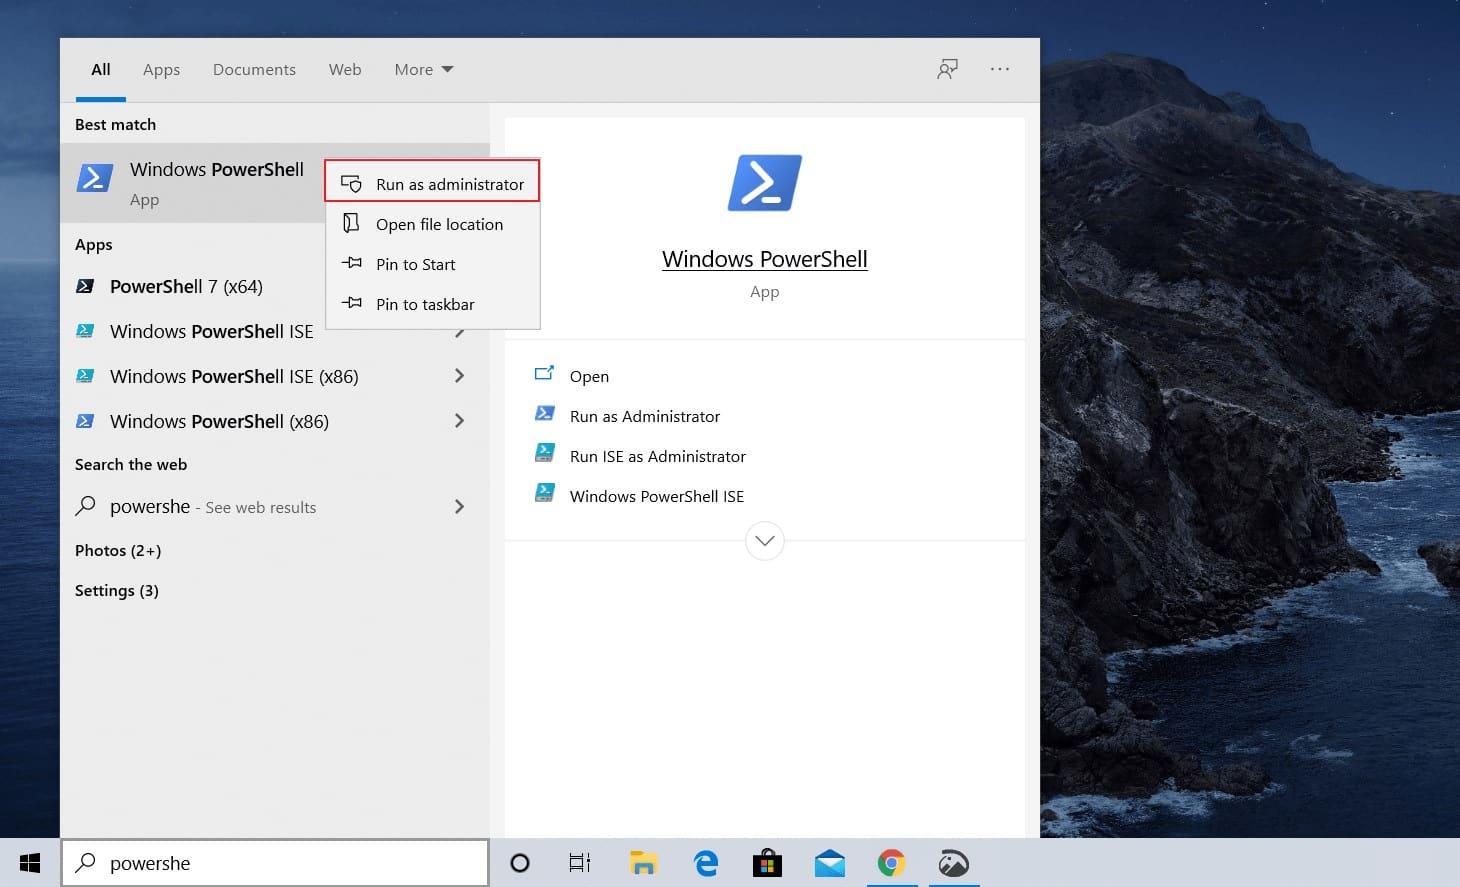 Selanjutnya, pada bagian menu utama Anda bisa melakukan pencarian dengan mengetikan perintah PowerShell dan klik enter pada keyboard